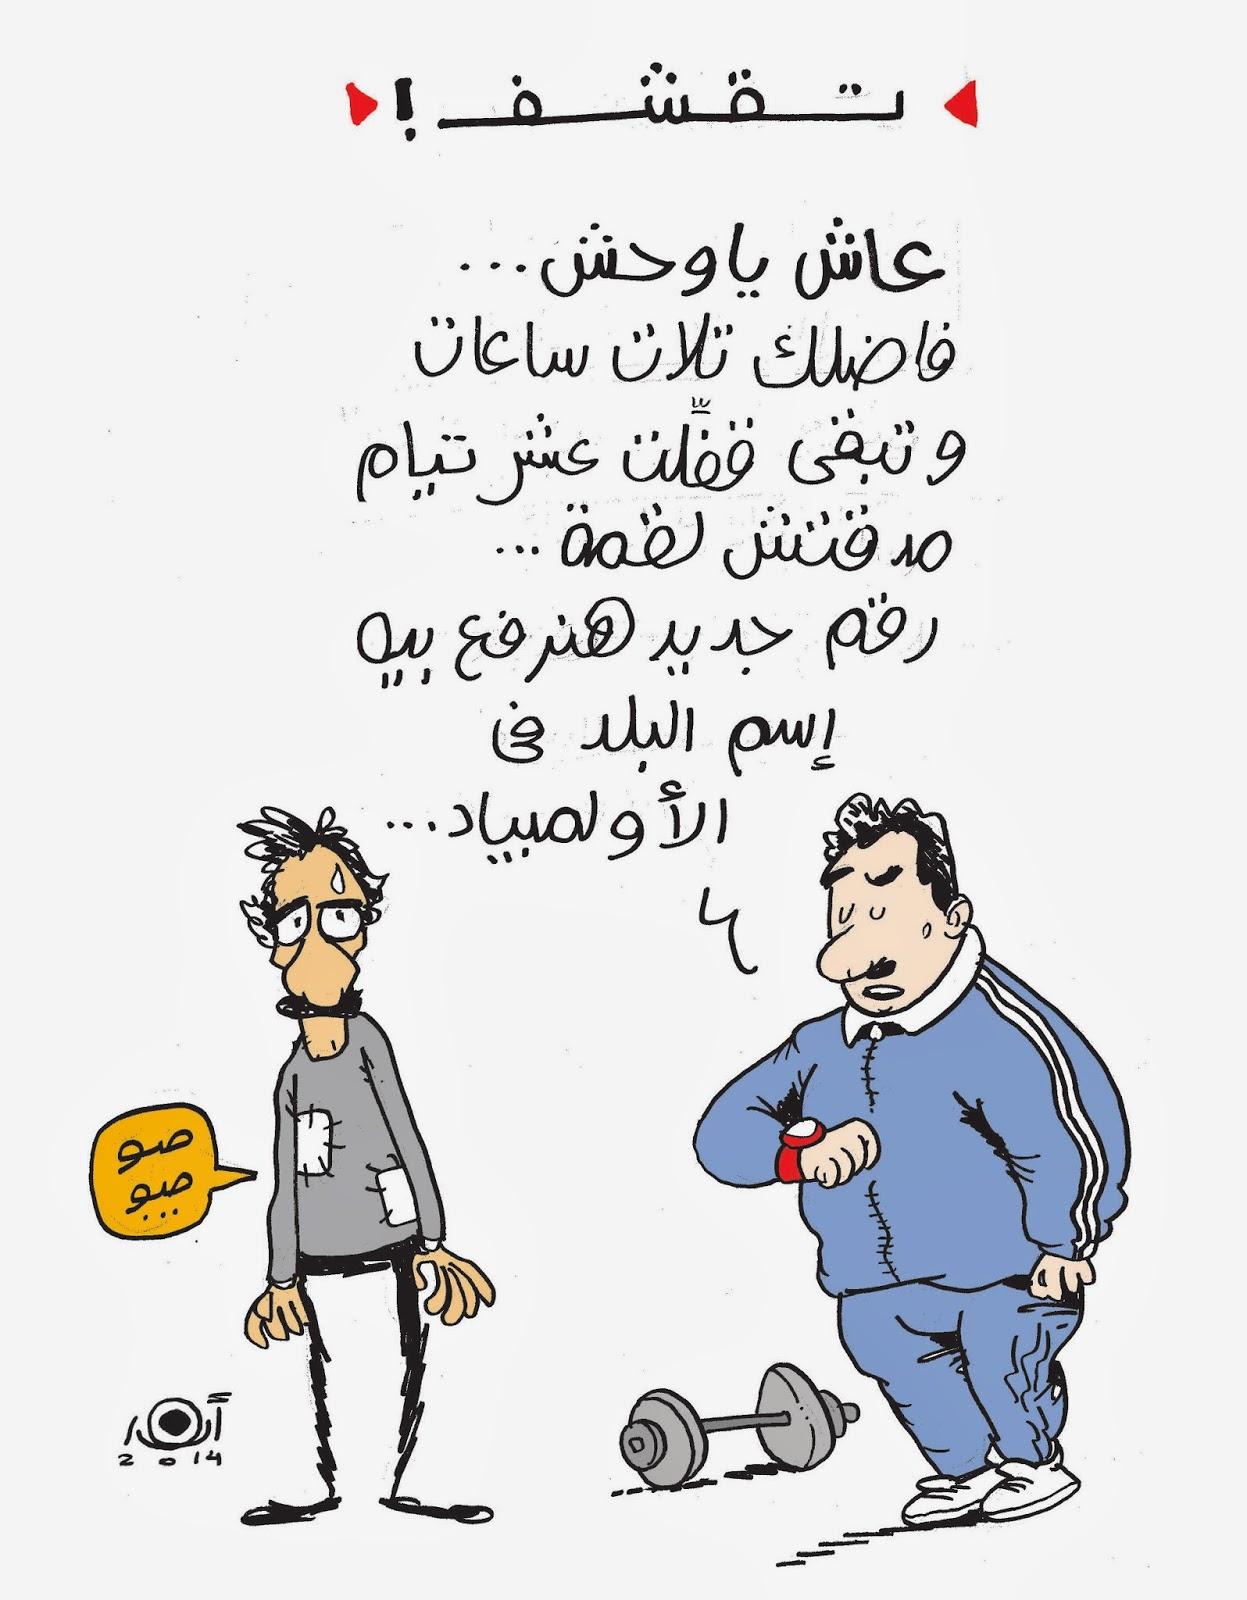 93323d1a9f54e السودان يعتزم شراء الكهرباء من أثيوبيا وسط تجاهل لمصر. . الجمعة 28 أكتوبر.  . مصر تستعد للتقشف وذلك سيكون مؤلماً للمواطنين